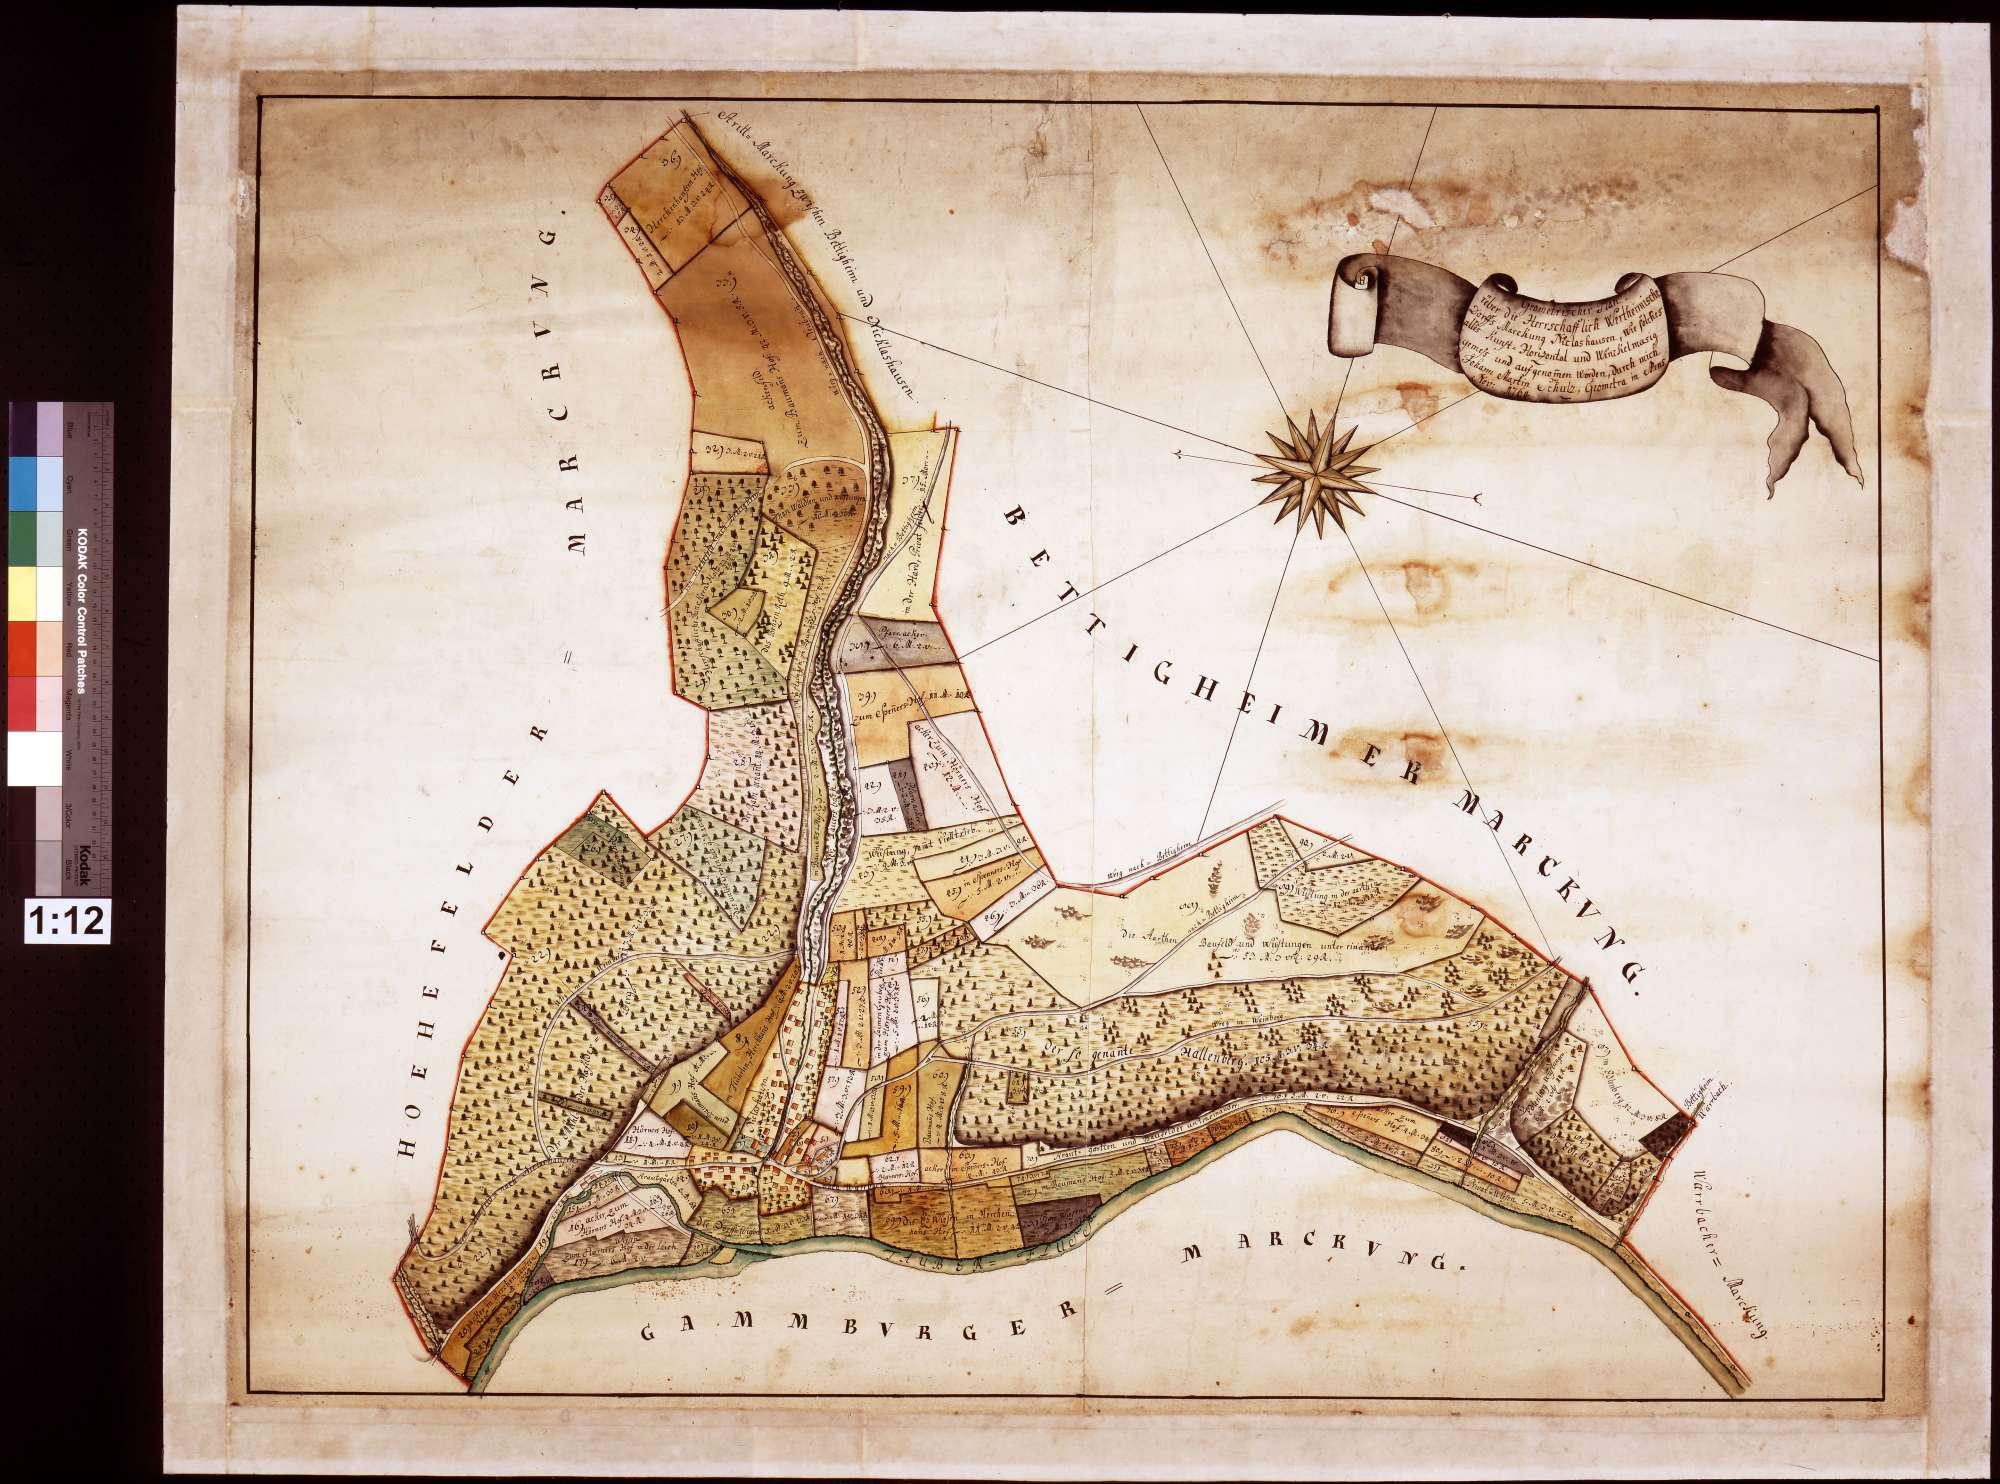 Geometrischer Plan über die herrschaftlich wertheimische Dorfsmarkung Niklashausen, wie solches alles kunst-, horizontal- und winkelmäßig gemessen und aufgenommen (Inselkarte), Bild 1